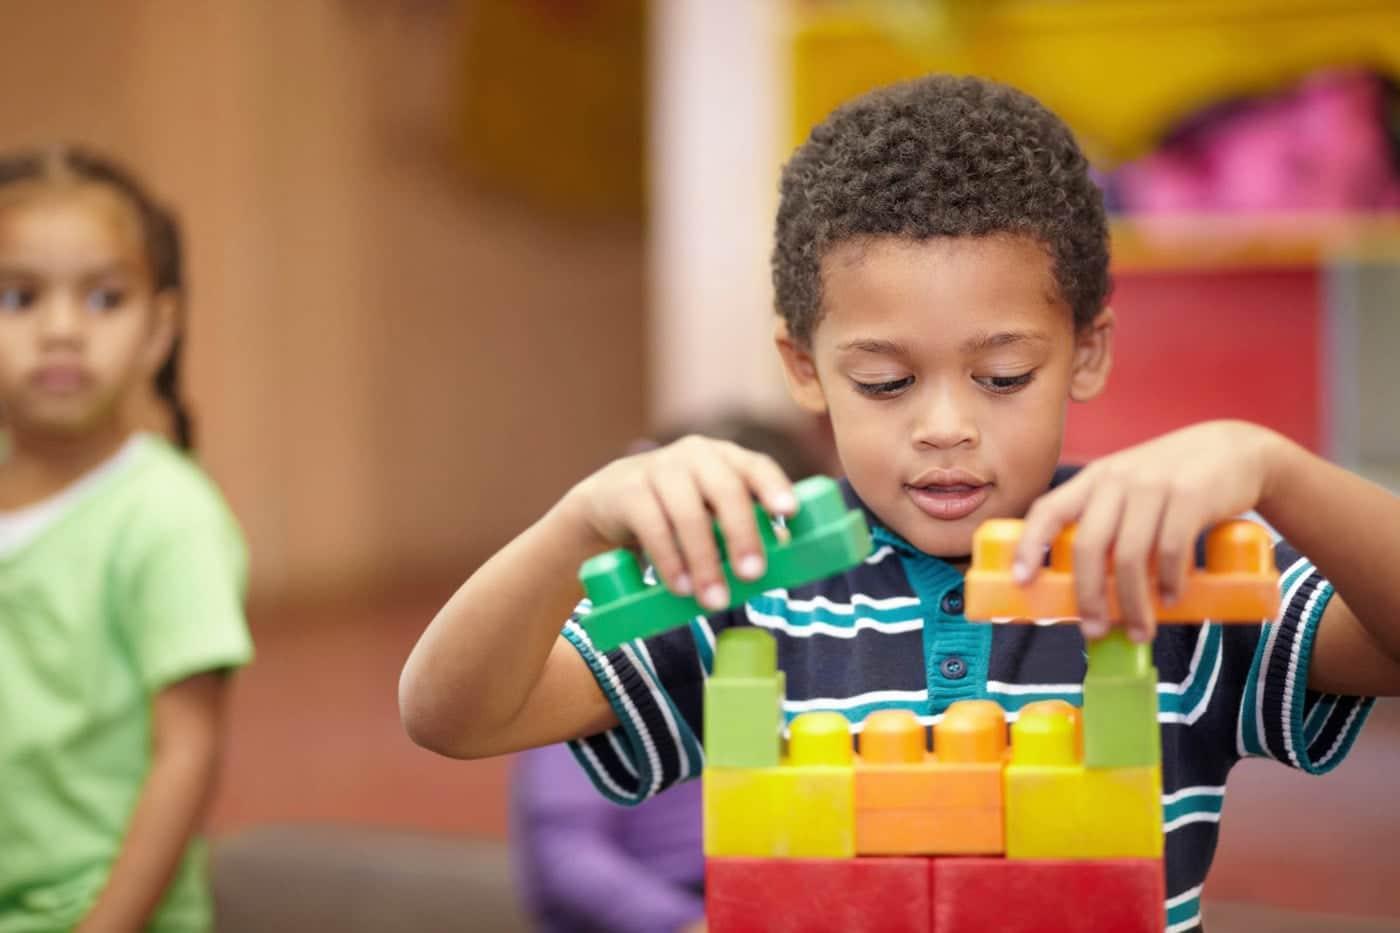 علائم اوتیسم چیست و روش تشخیص آن چگونه است؟